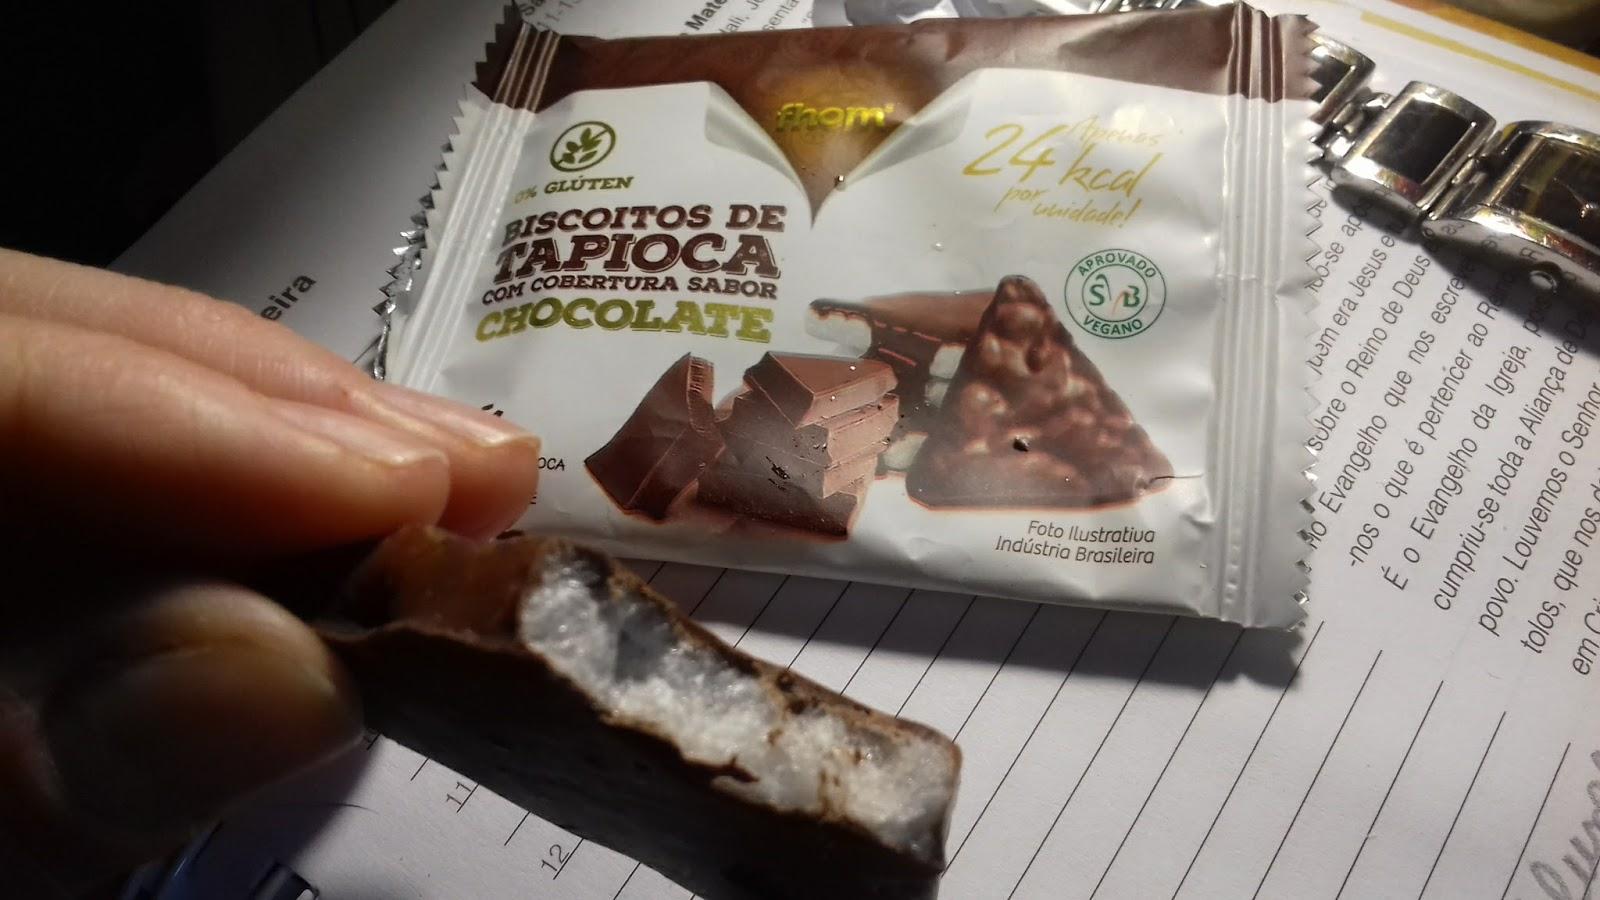 biscoito de tapioca com chocolate